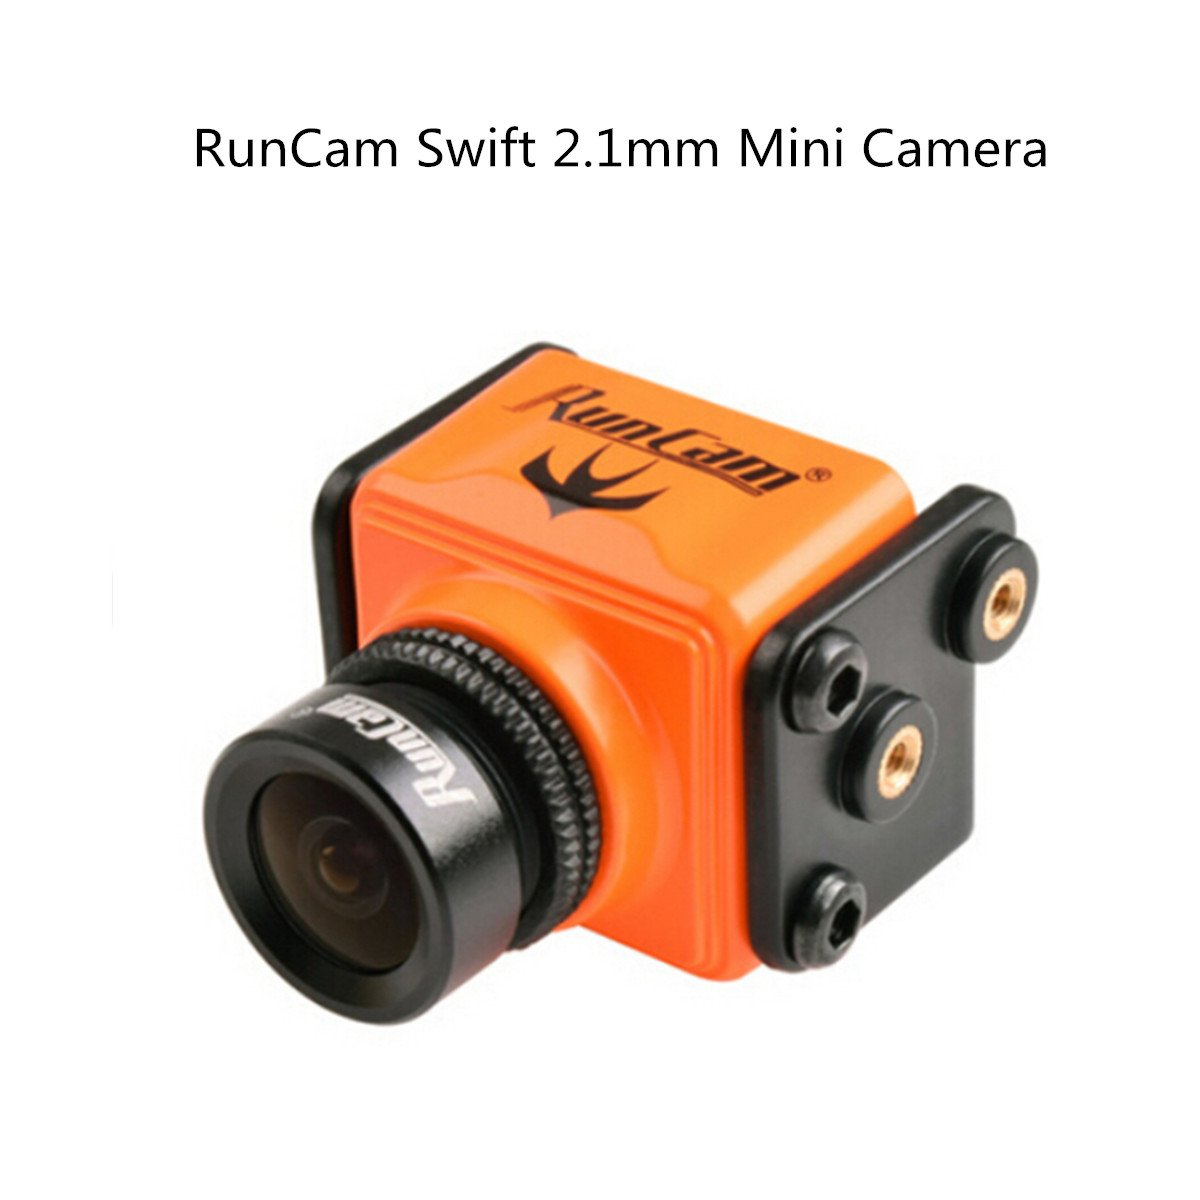 Crazepony RunCam Swift 600tvlミニカメラ2.1 MMレンズ165度DC 5 – 36 V DWDR for Racingクアッドコプター 22mm オレンジ NGI102013S9JF0388 B06XCHDRB6 オレンジ オレンジ